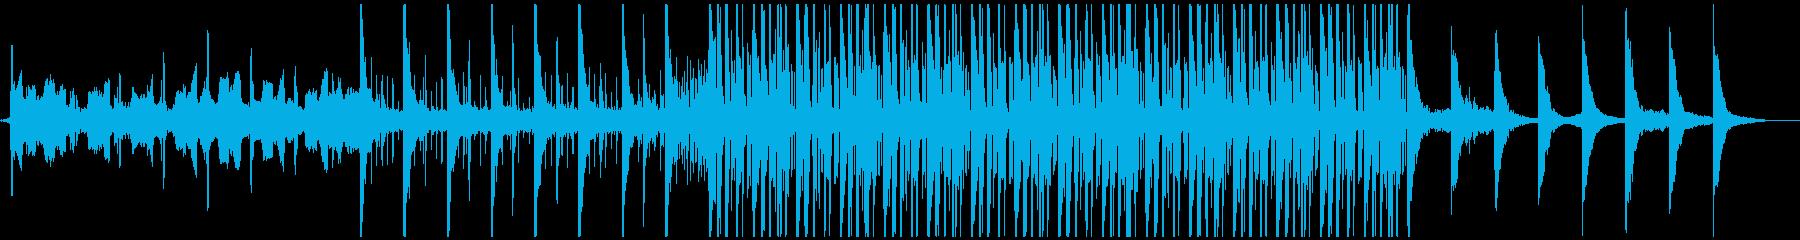 疾走感あふれるストリングスポップスの再生済みの波形